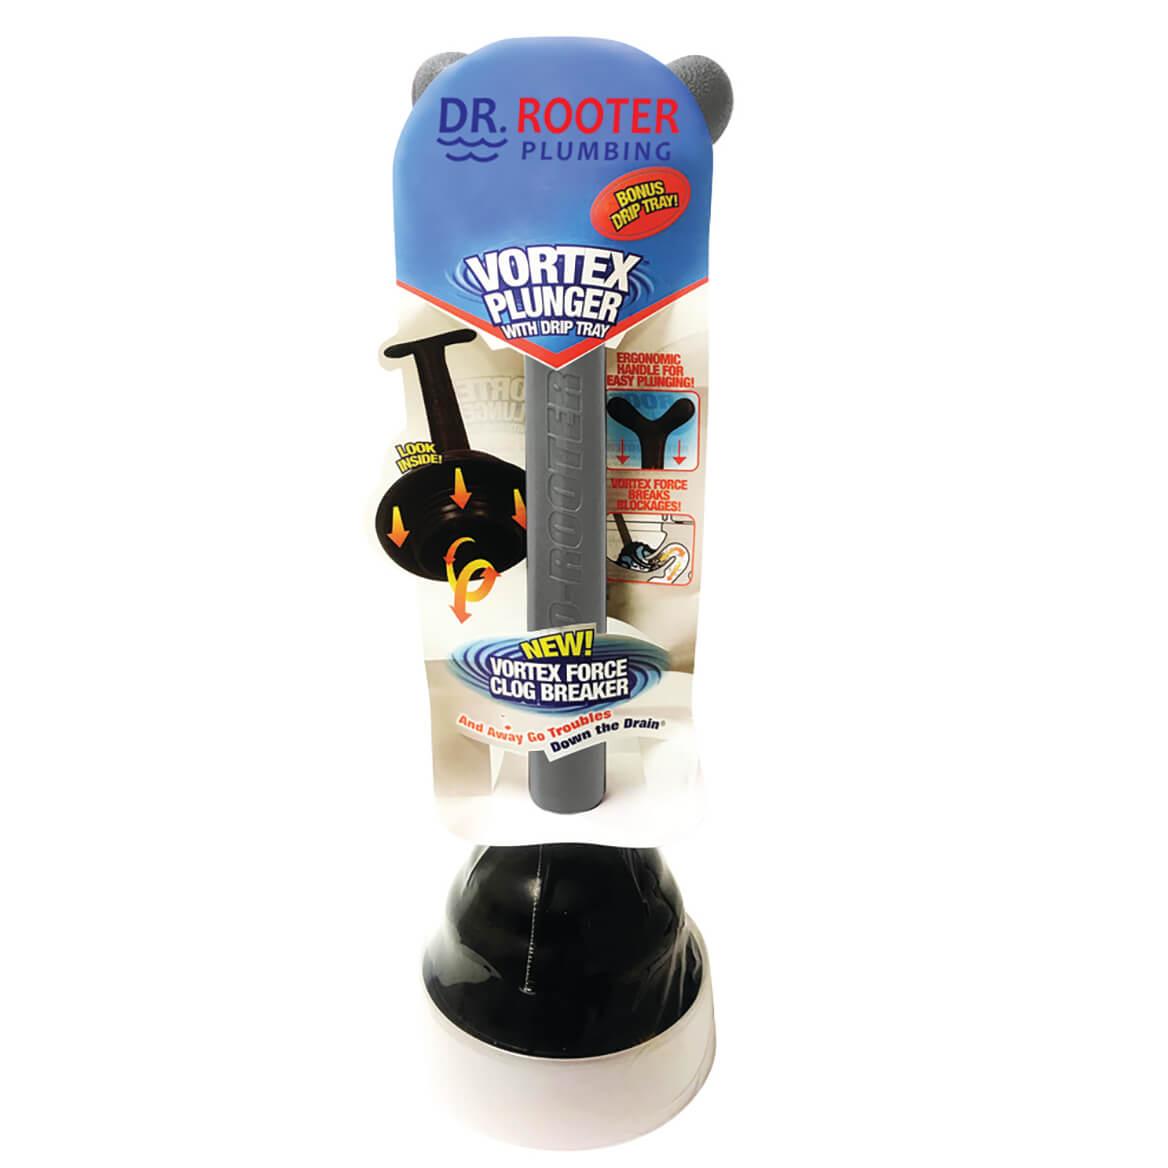 Dr. Rooter Vortex Plunger-369707